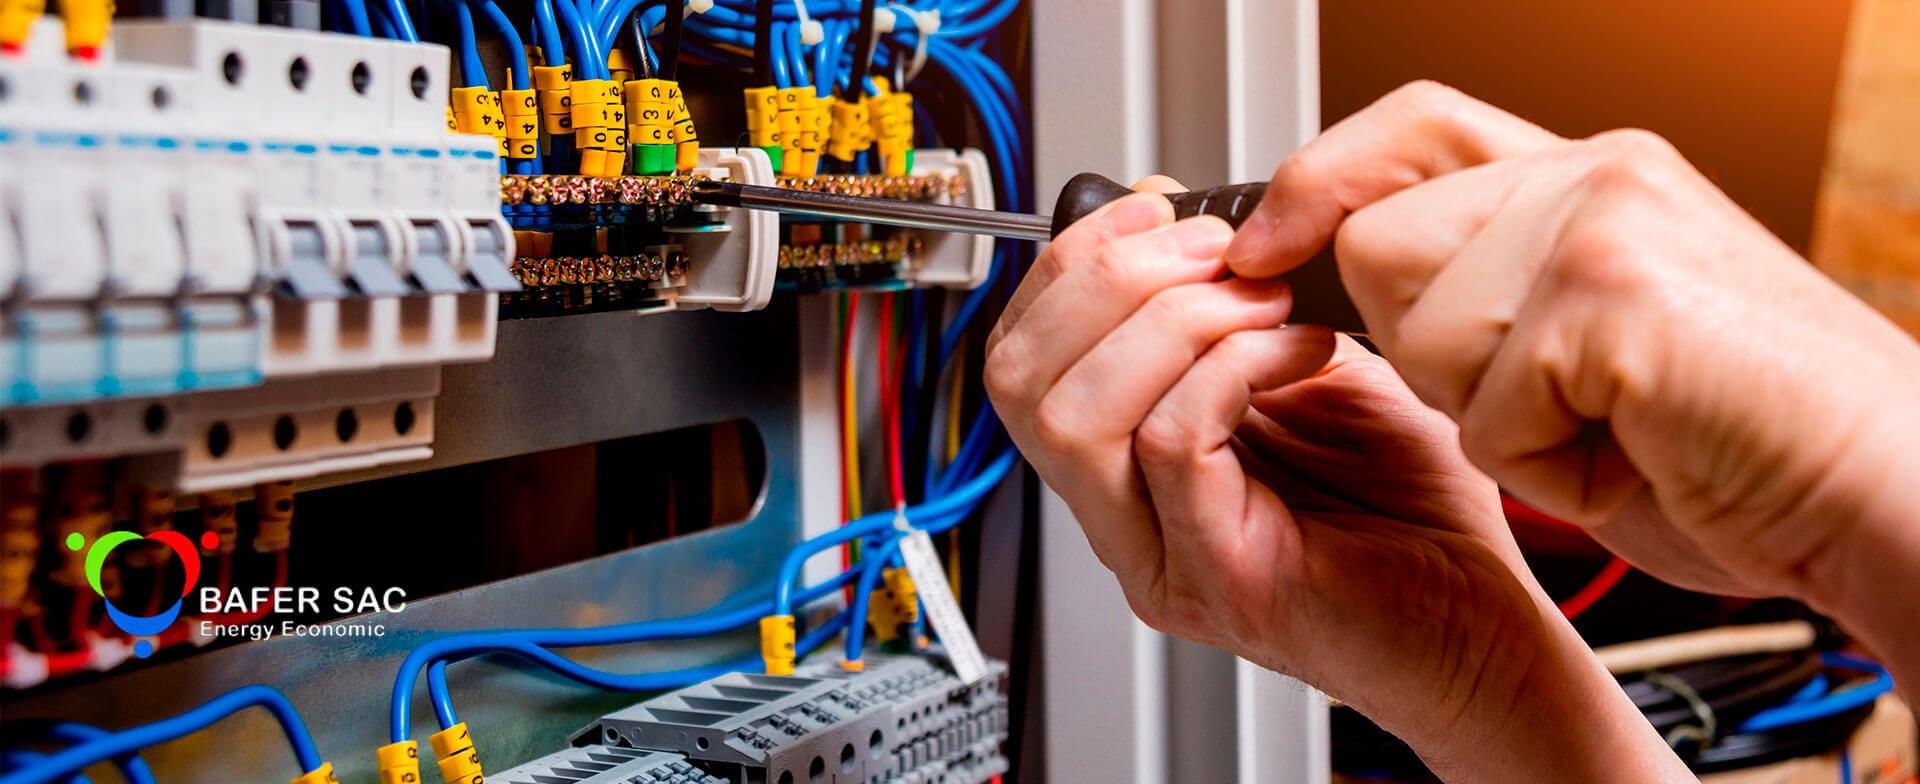 mantenimiento-de-instalaciones-electricas-lima